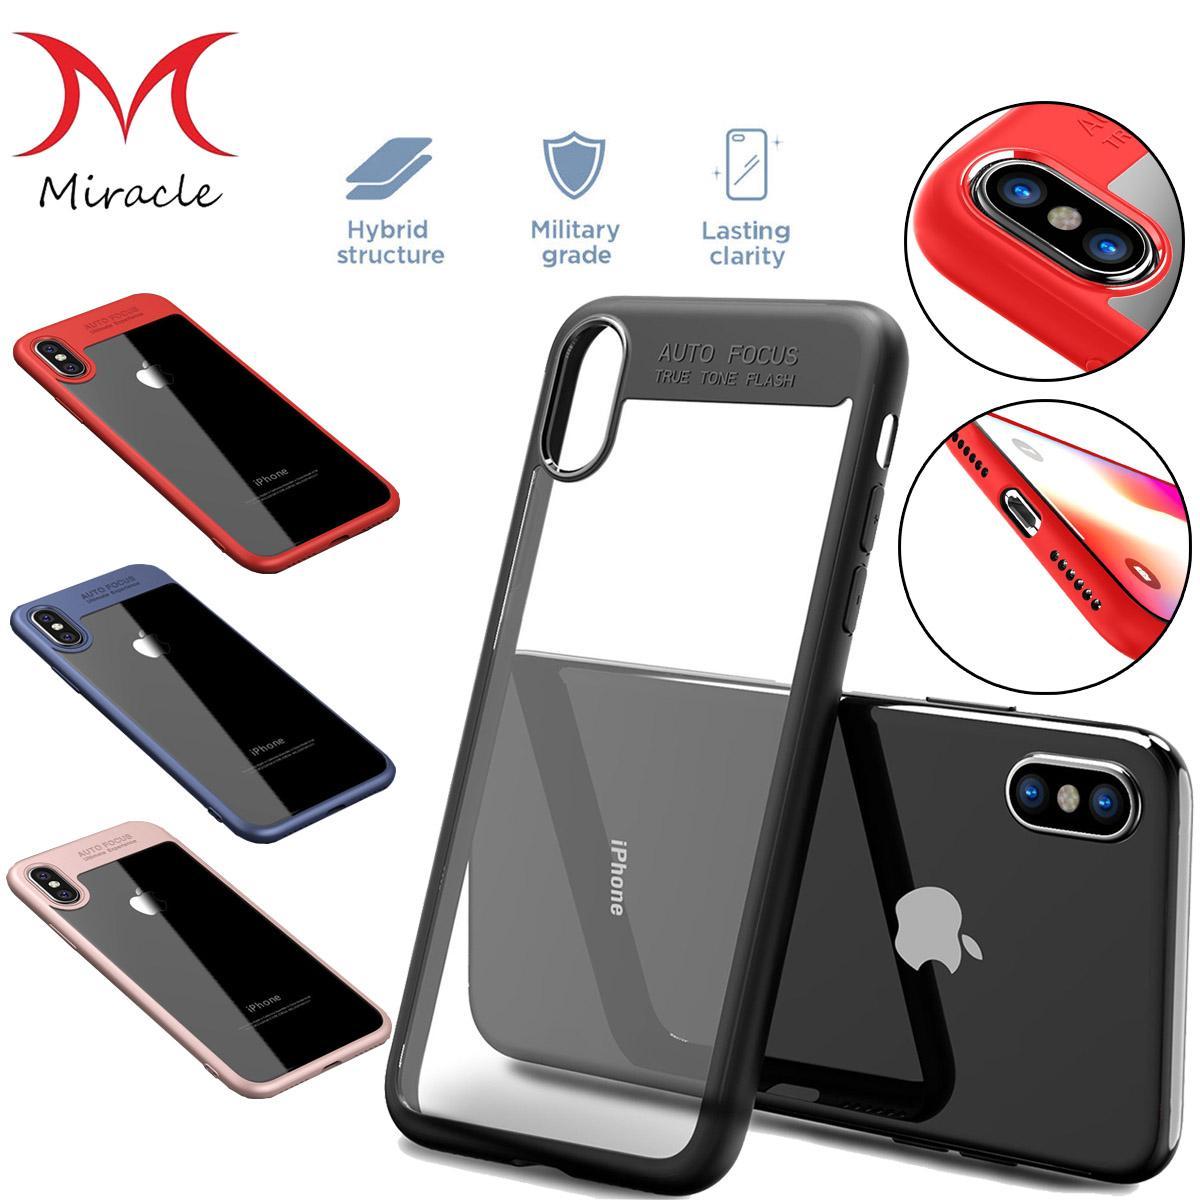 Venta al por mayor fundas iphone 4 serie-Compre online los mejores